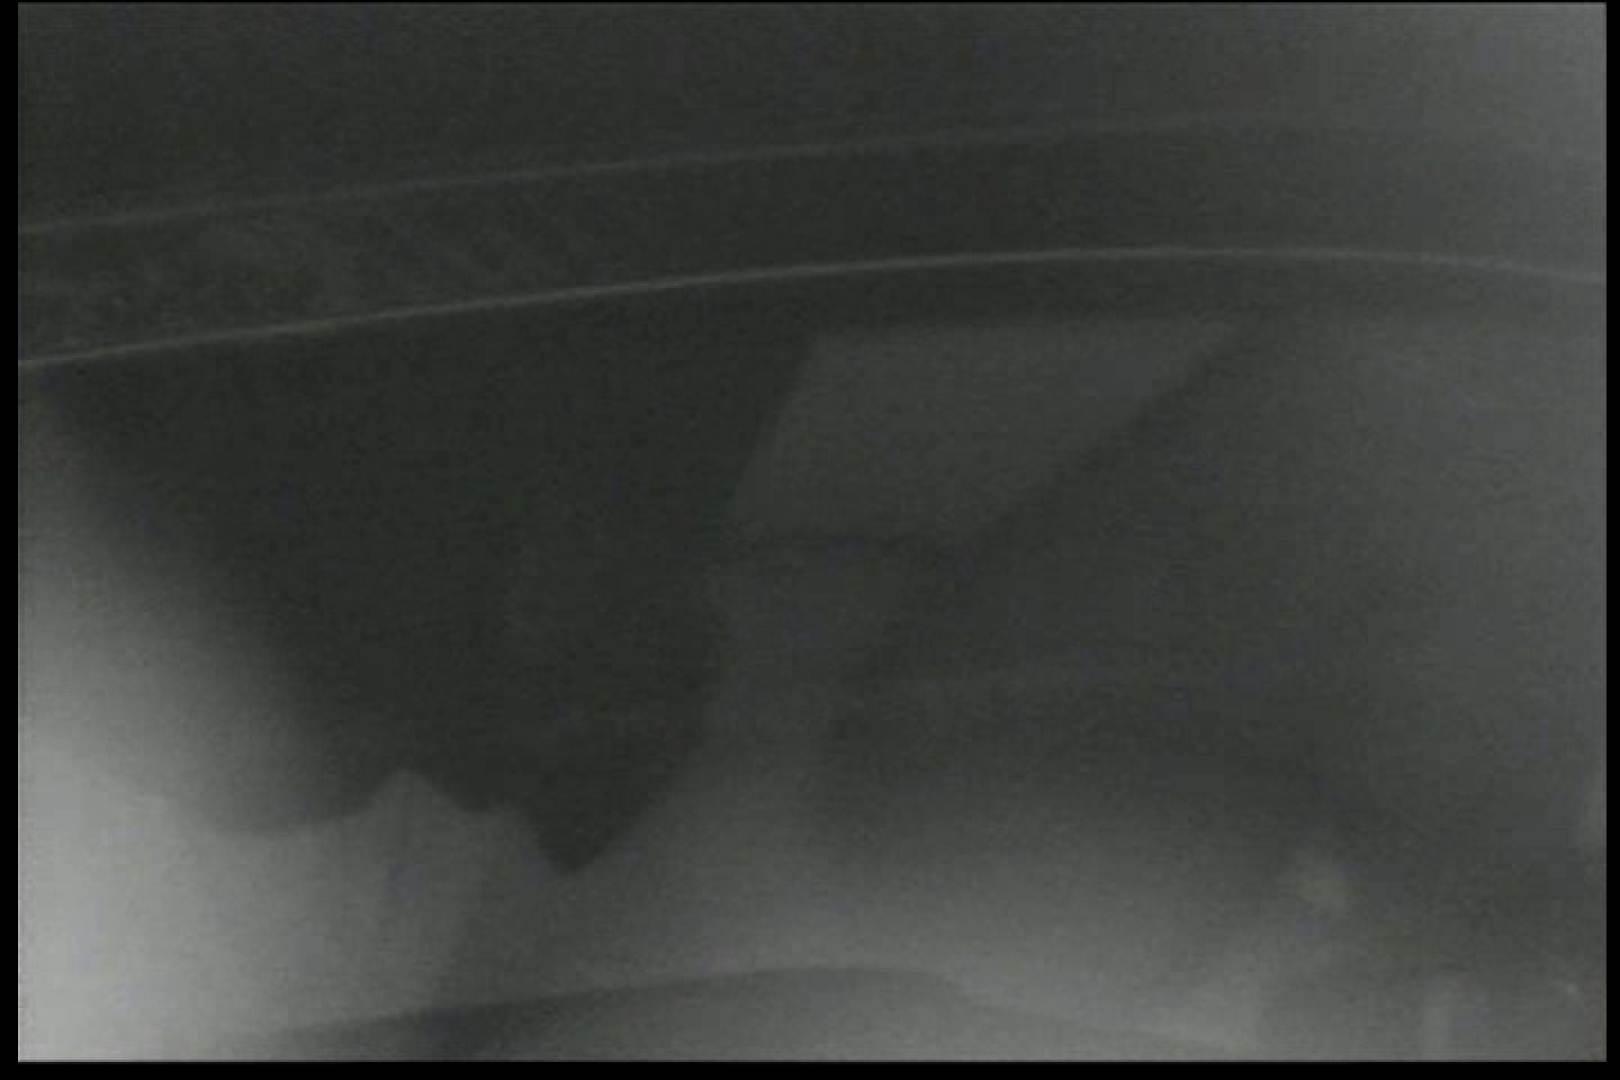 車の中はラブホテル 無修正版  Vol.12 車の中のカップル エロ画像 93画像 60